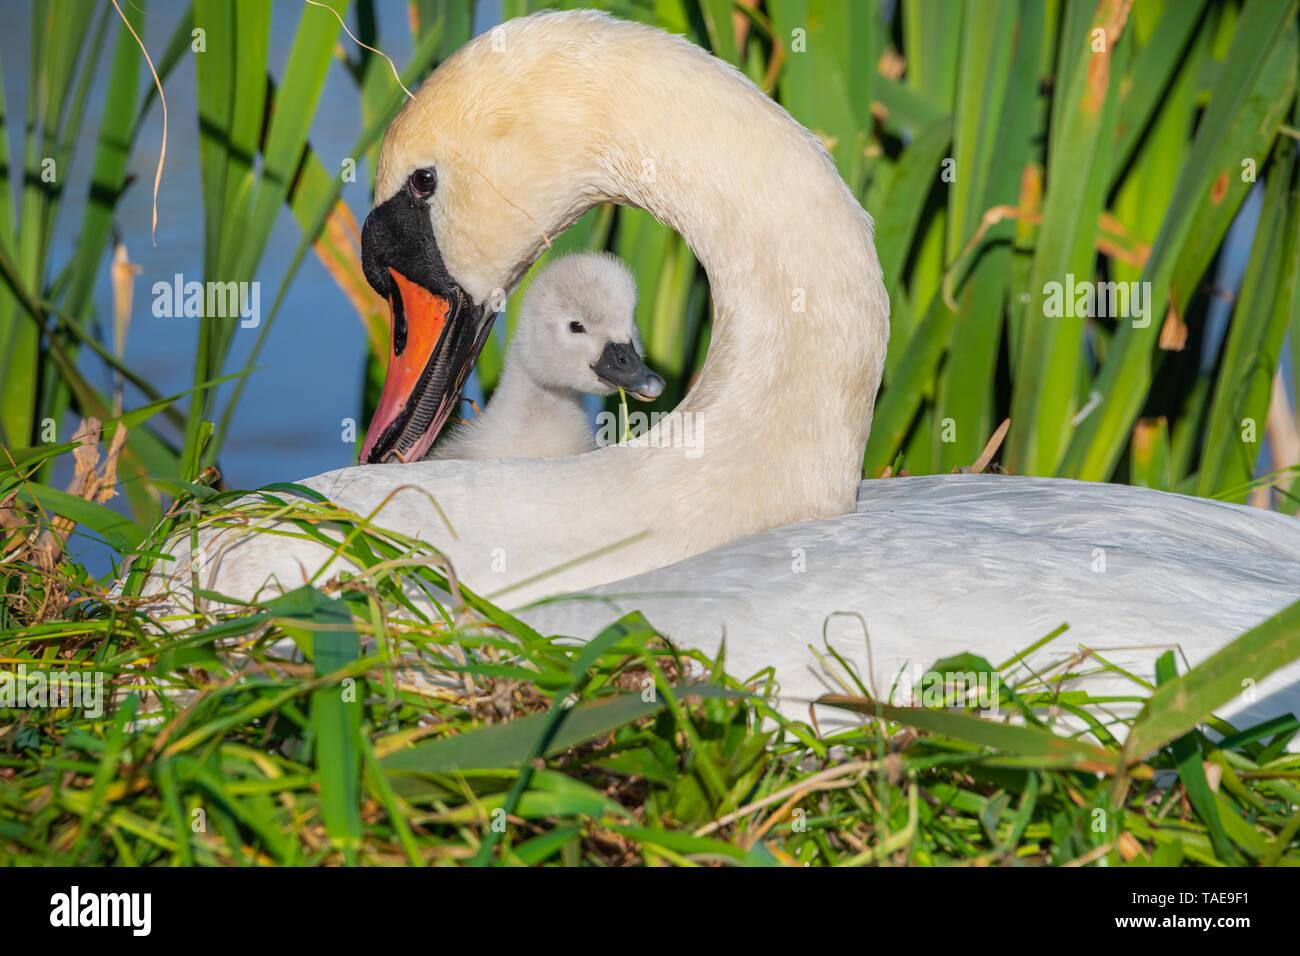 Un cisne (Cygnus olor), Pen y cygnet sentados juntos en un nido. Imagen De Stock